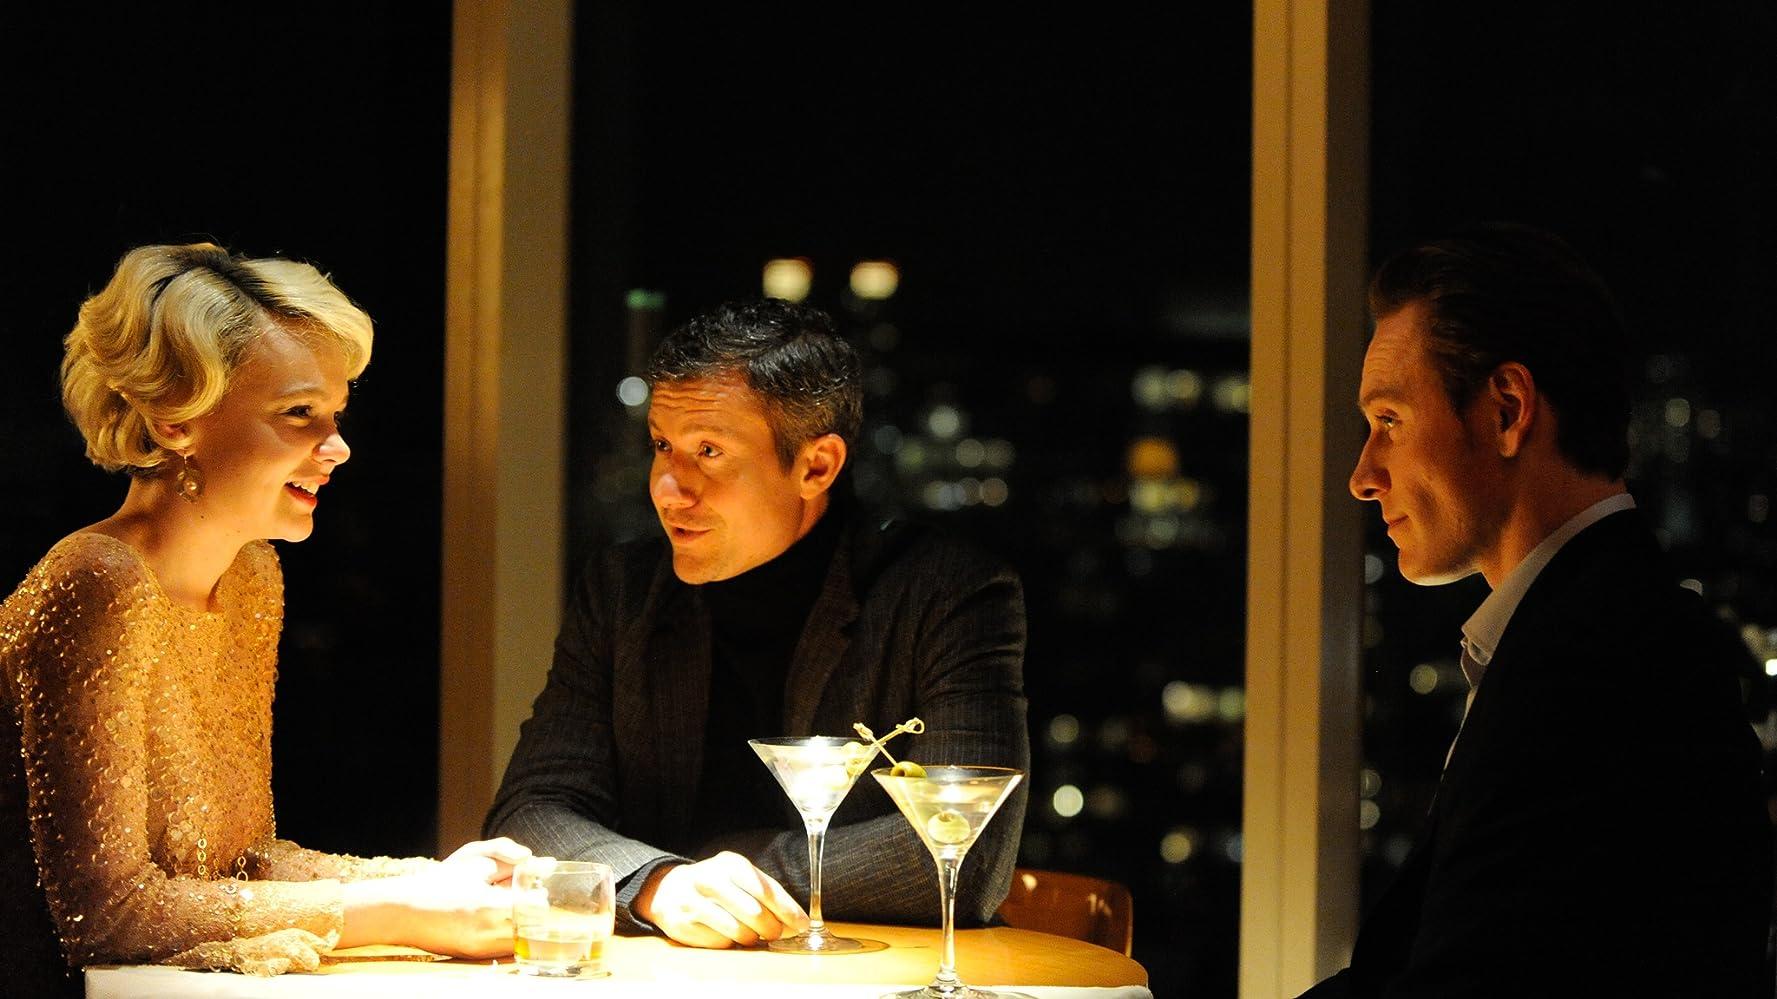 James Badge Dale, Michael Fassbender, and Carey Mulligan in Shame (2011)